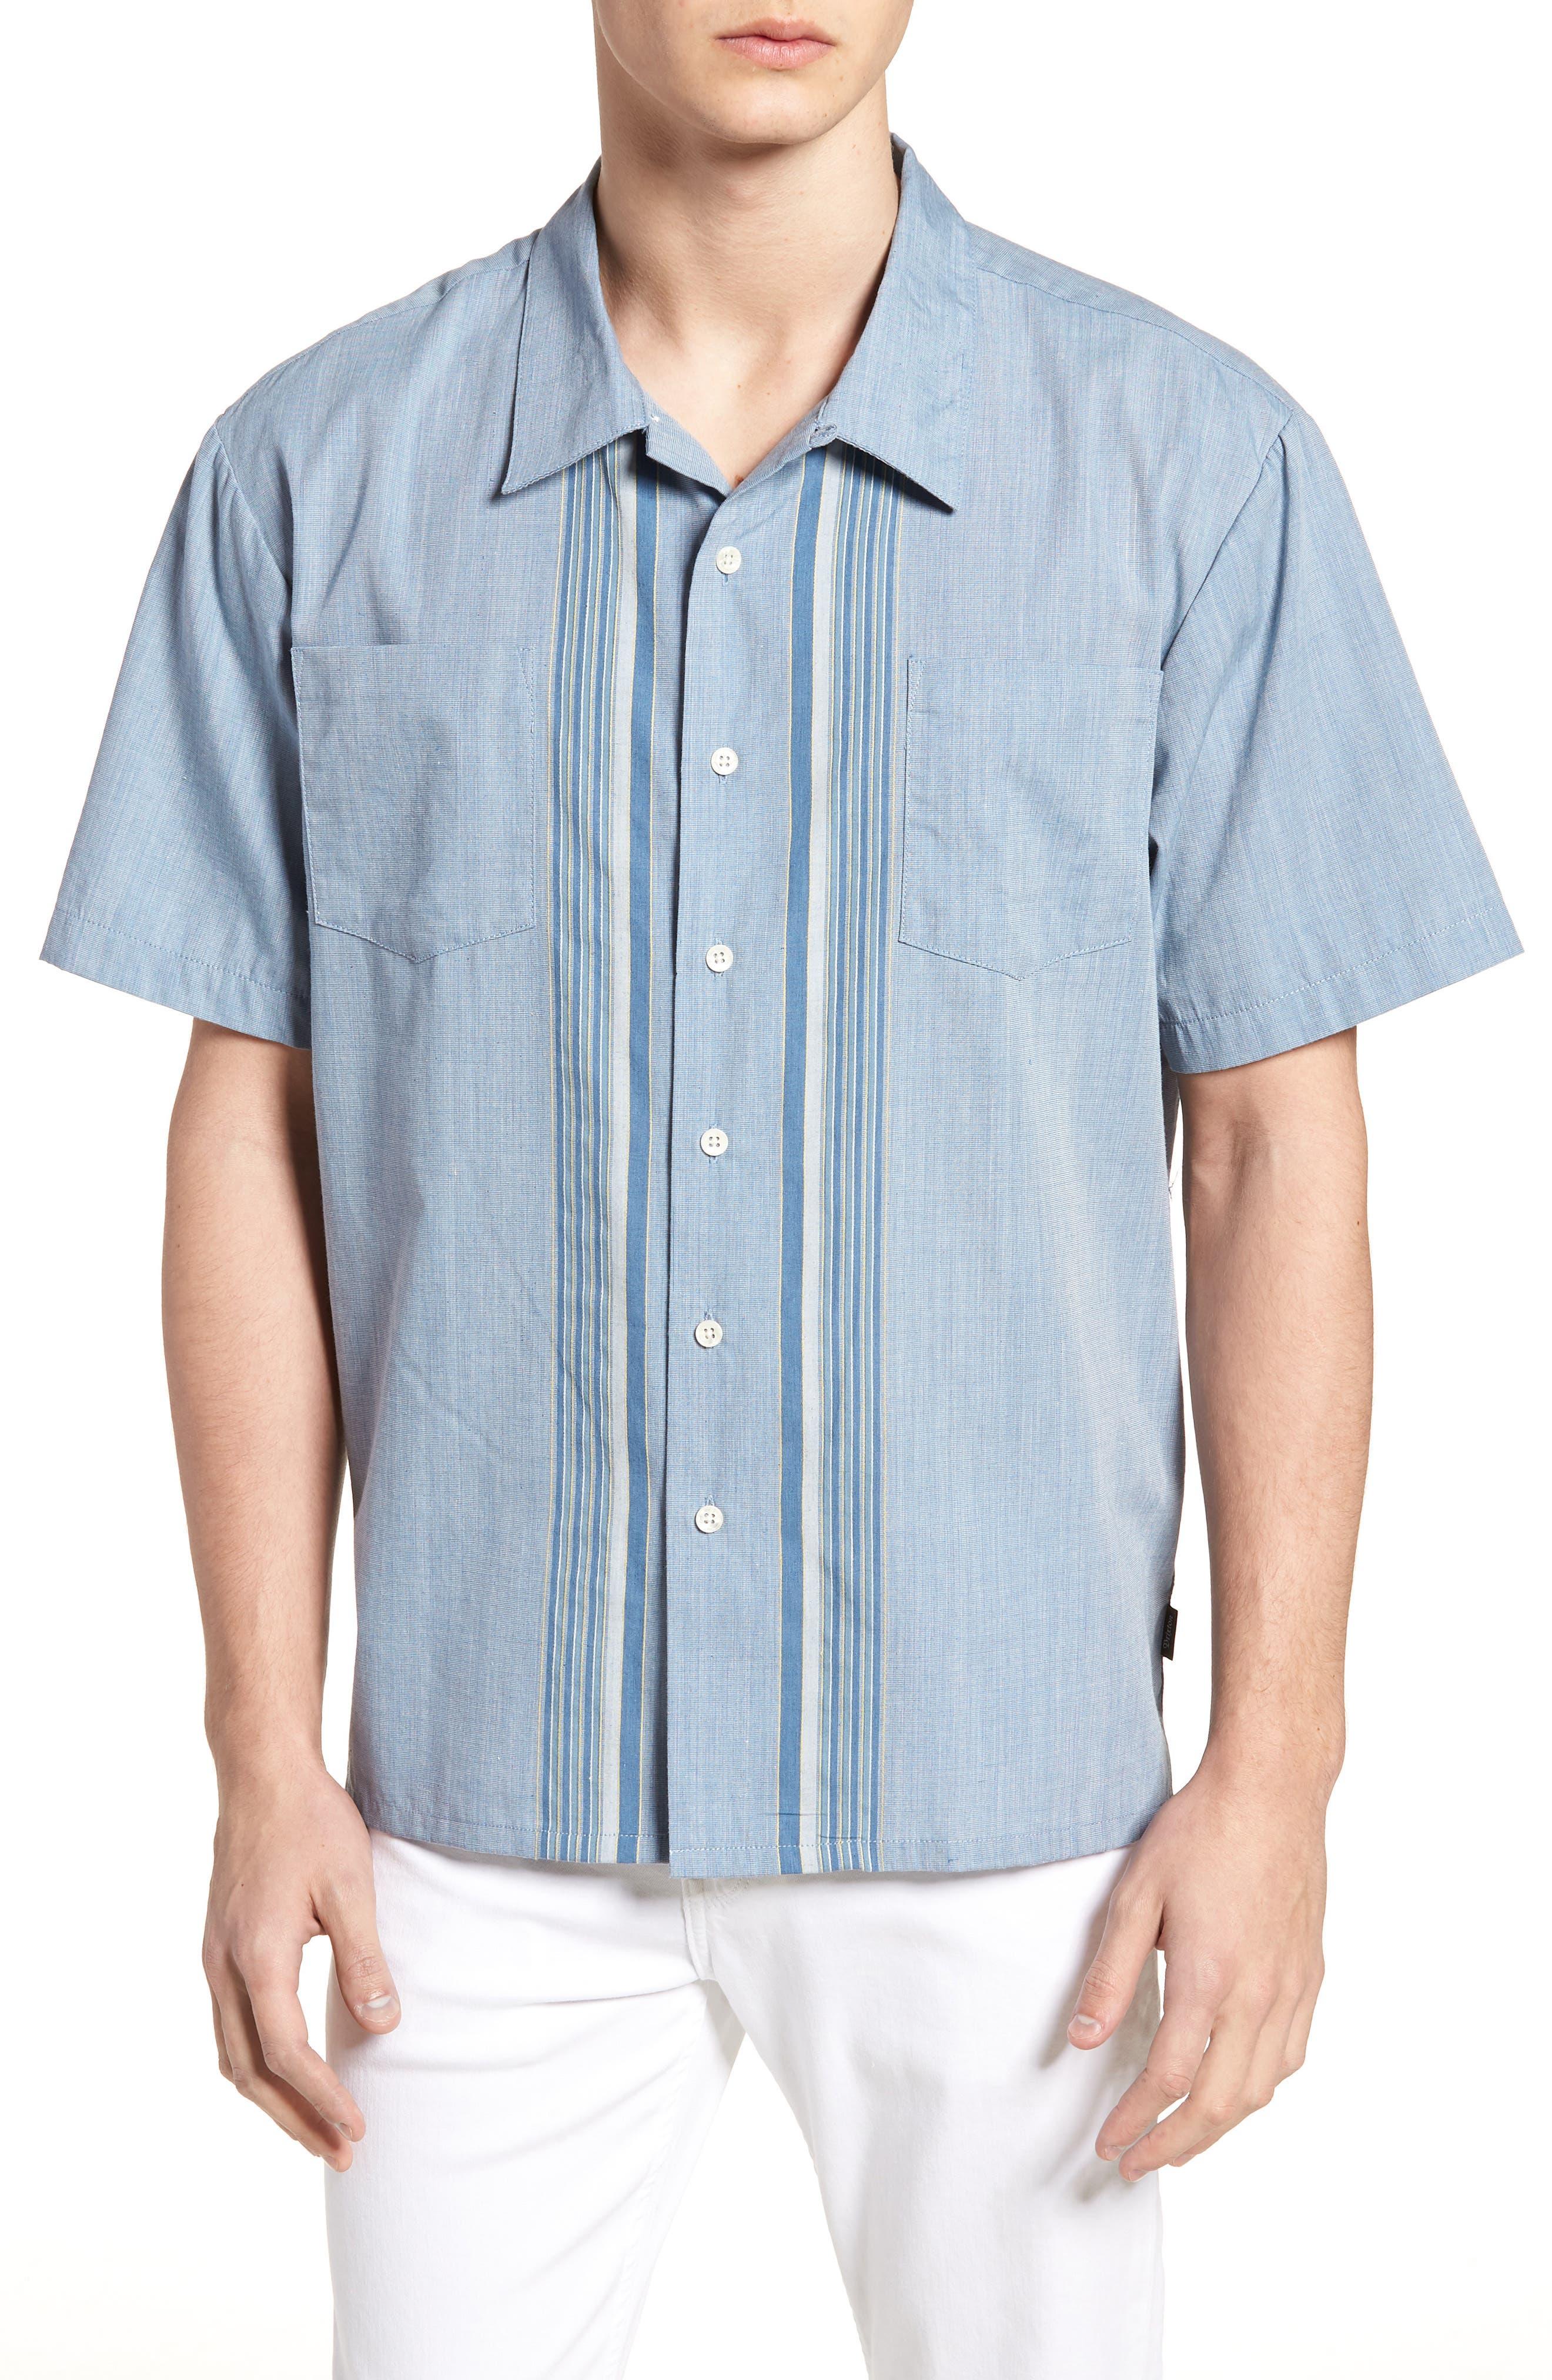 Brixton Cruze Woven Shirt